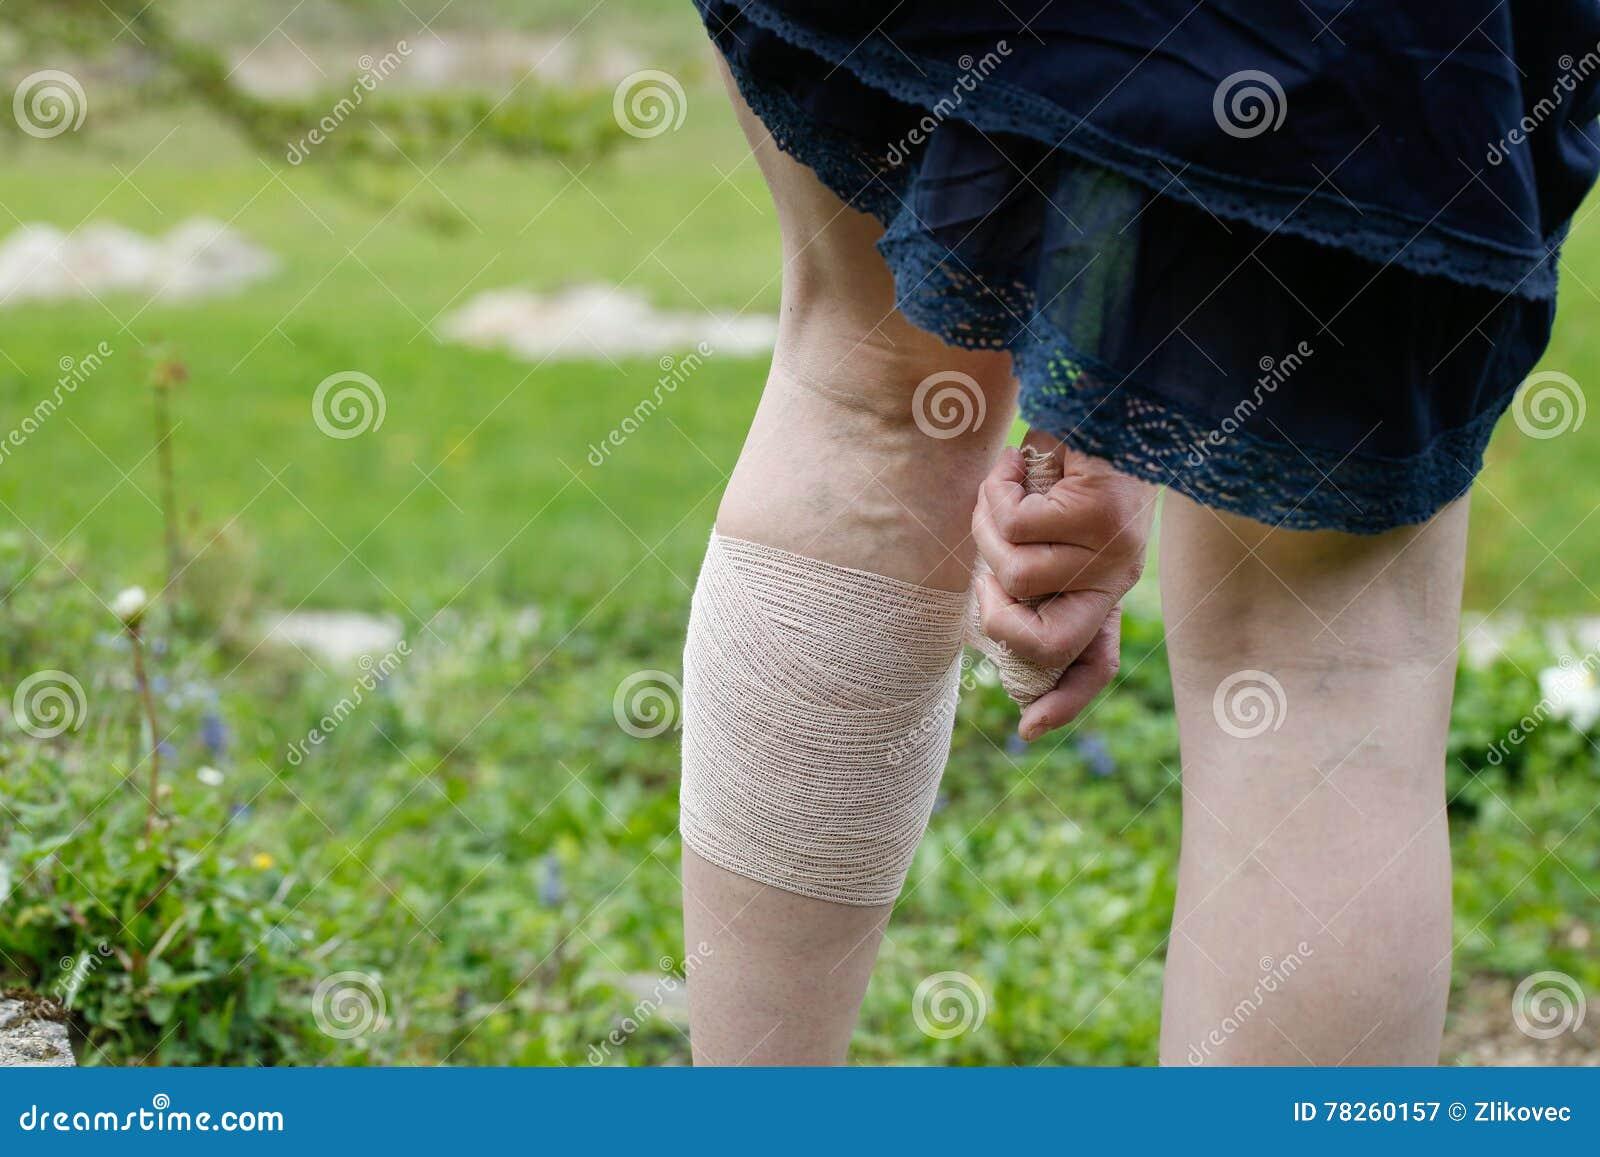 Γυναίκα με τις κιρσώδεις φλέβες που εφαρμόζει τον επίδεσμο συμπίεσης